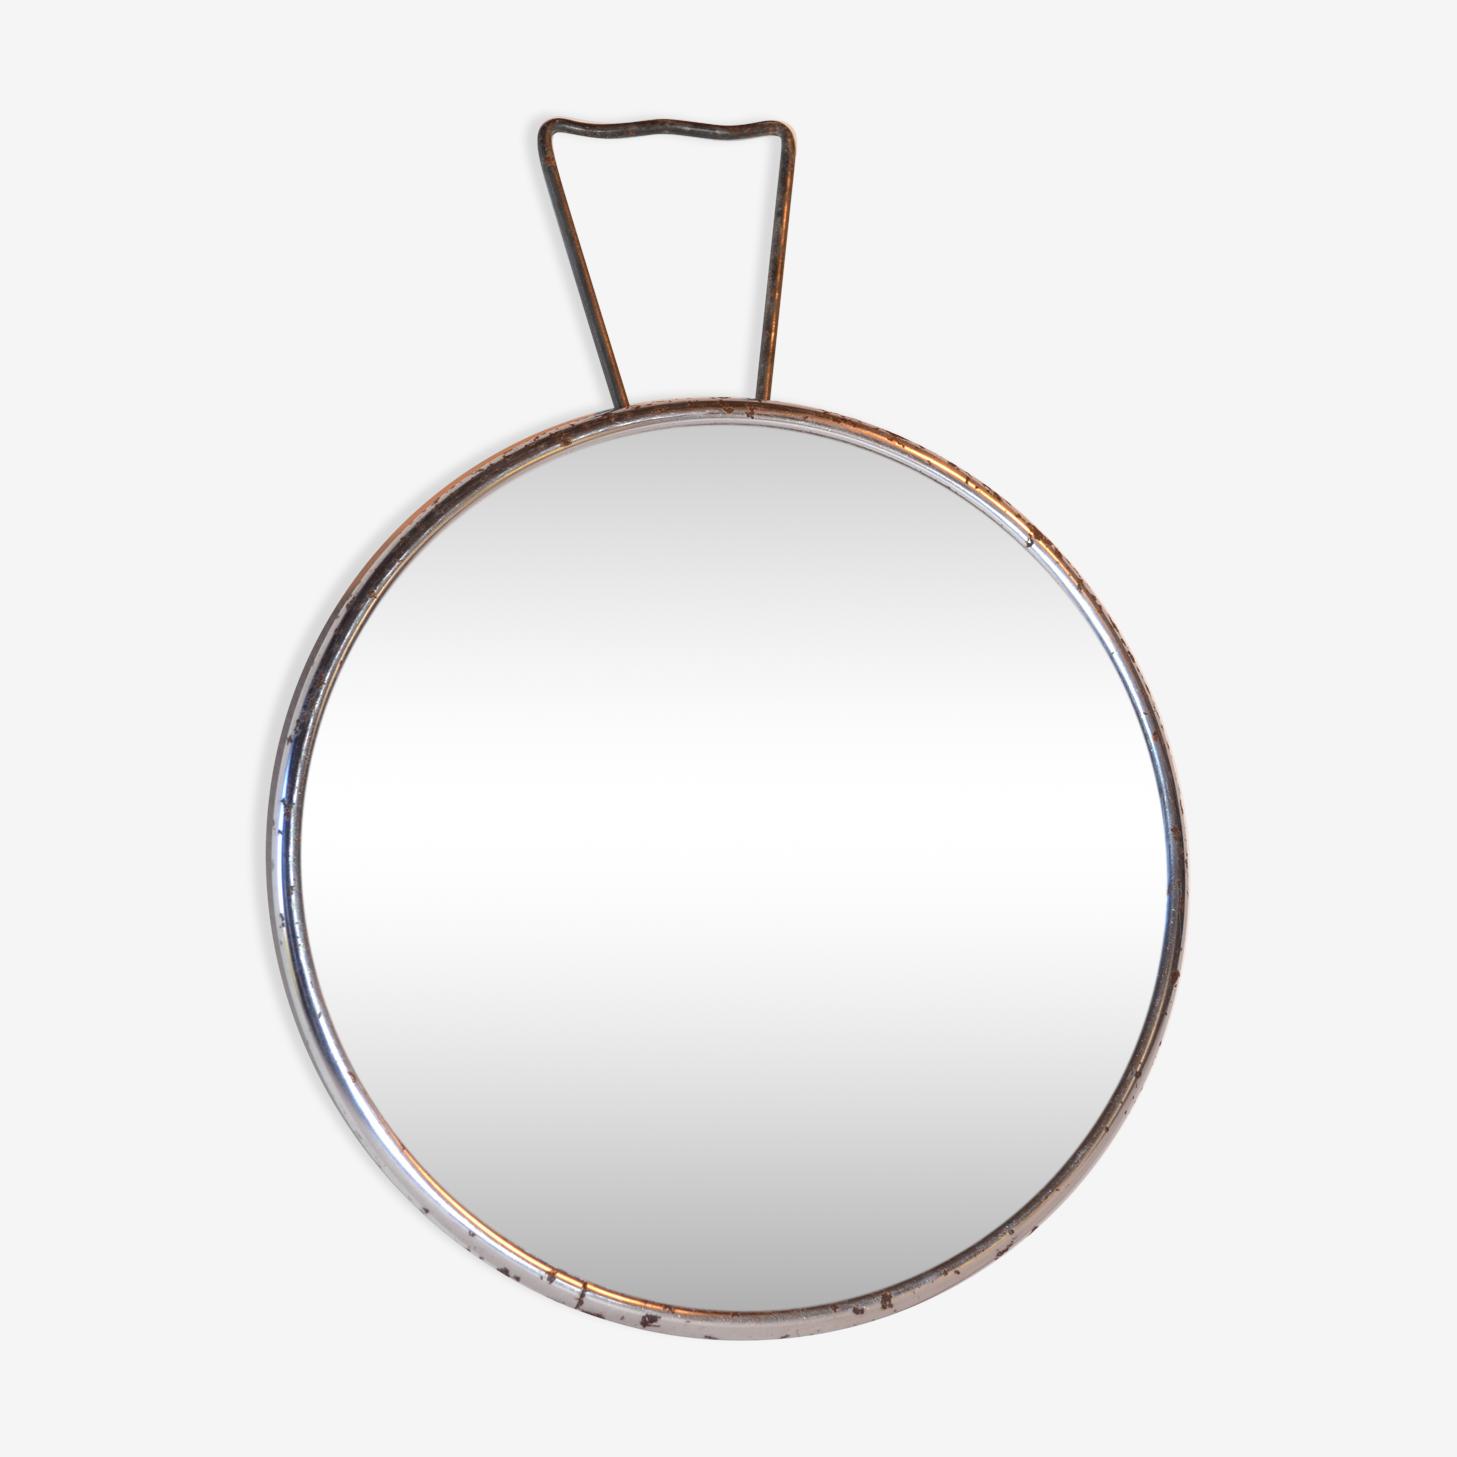 Mirror Barber round vintage 17cm